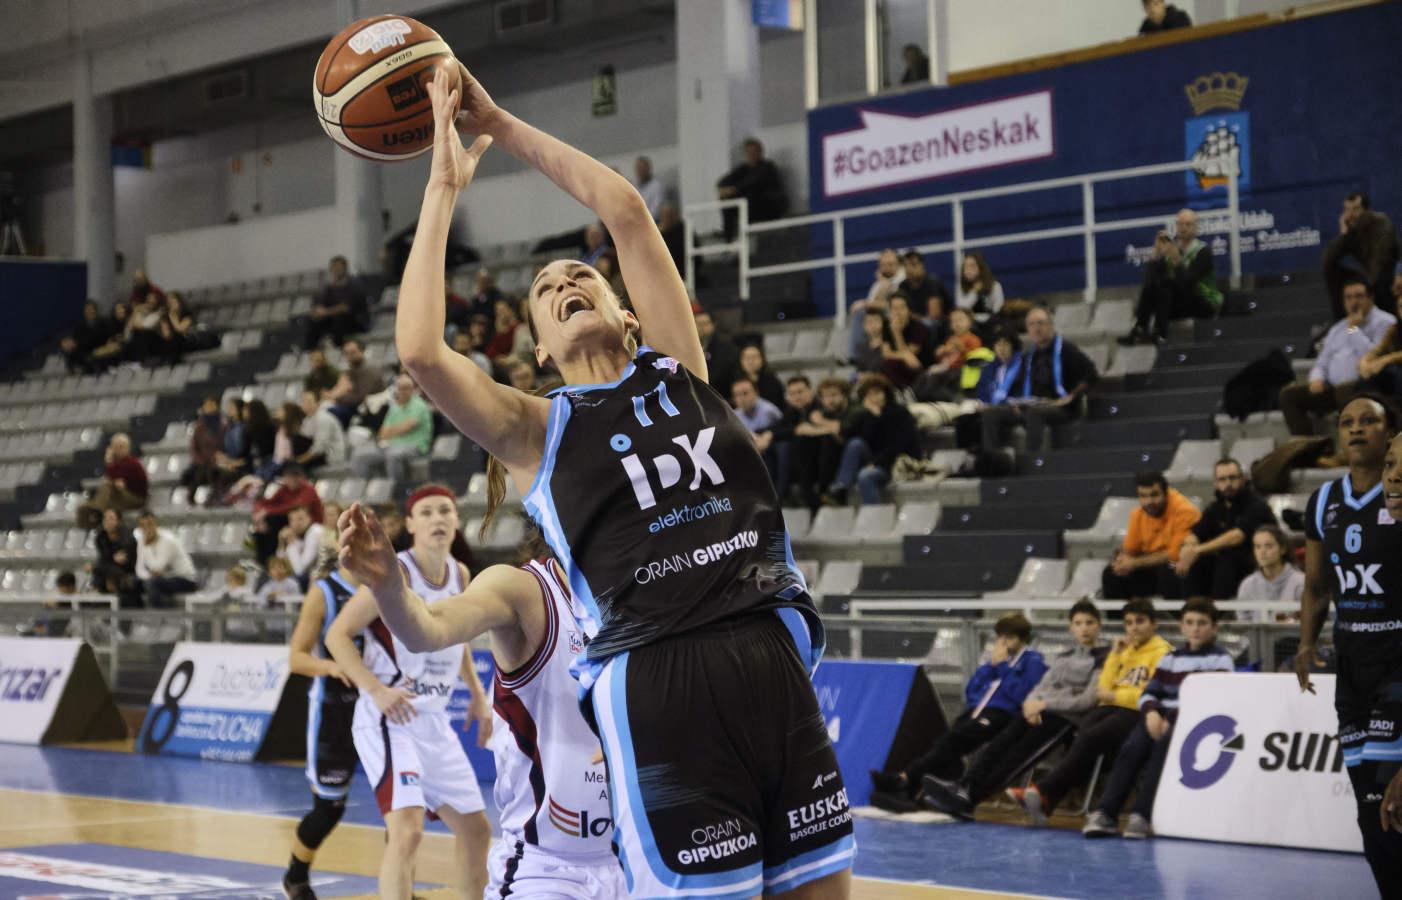 IDK Gipuzkoa remonta y gana un espectacular partido